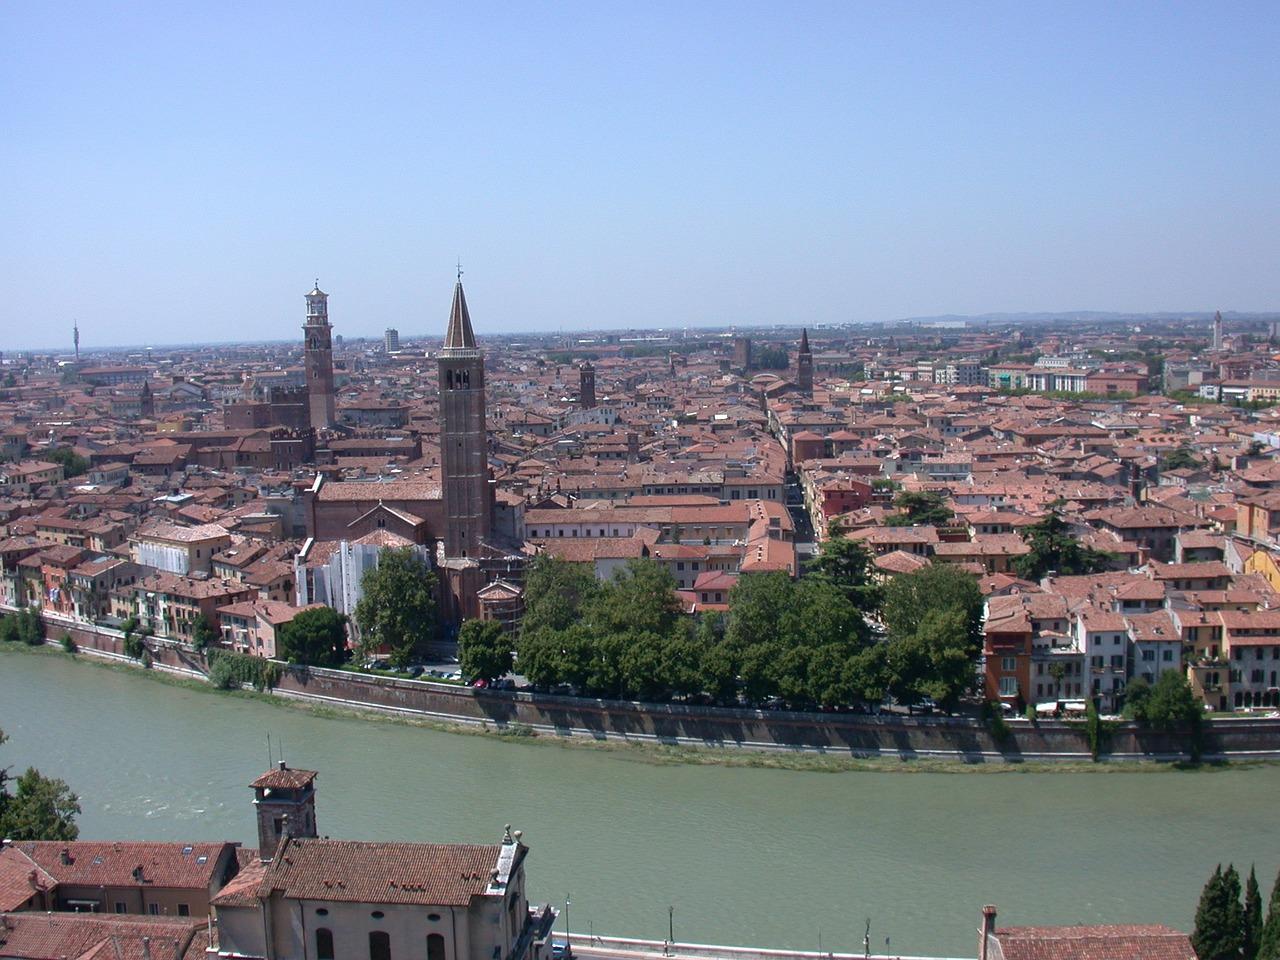 Guía práctica visitando Padua y Verona, alternativas si ya estuvistes en Venecia - CruceroAdicto.com